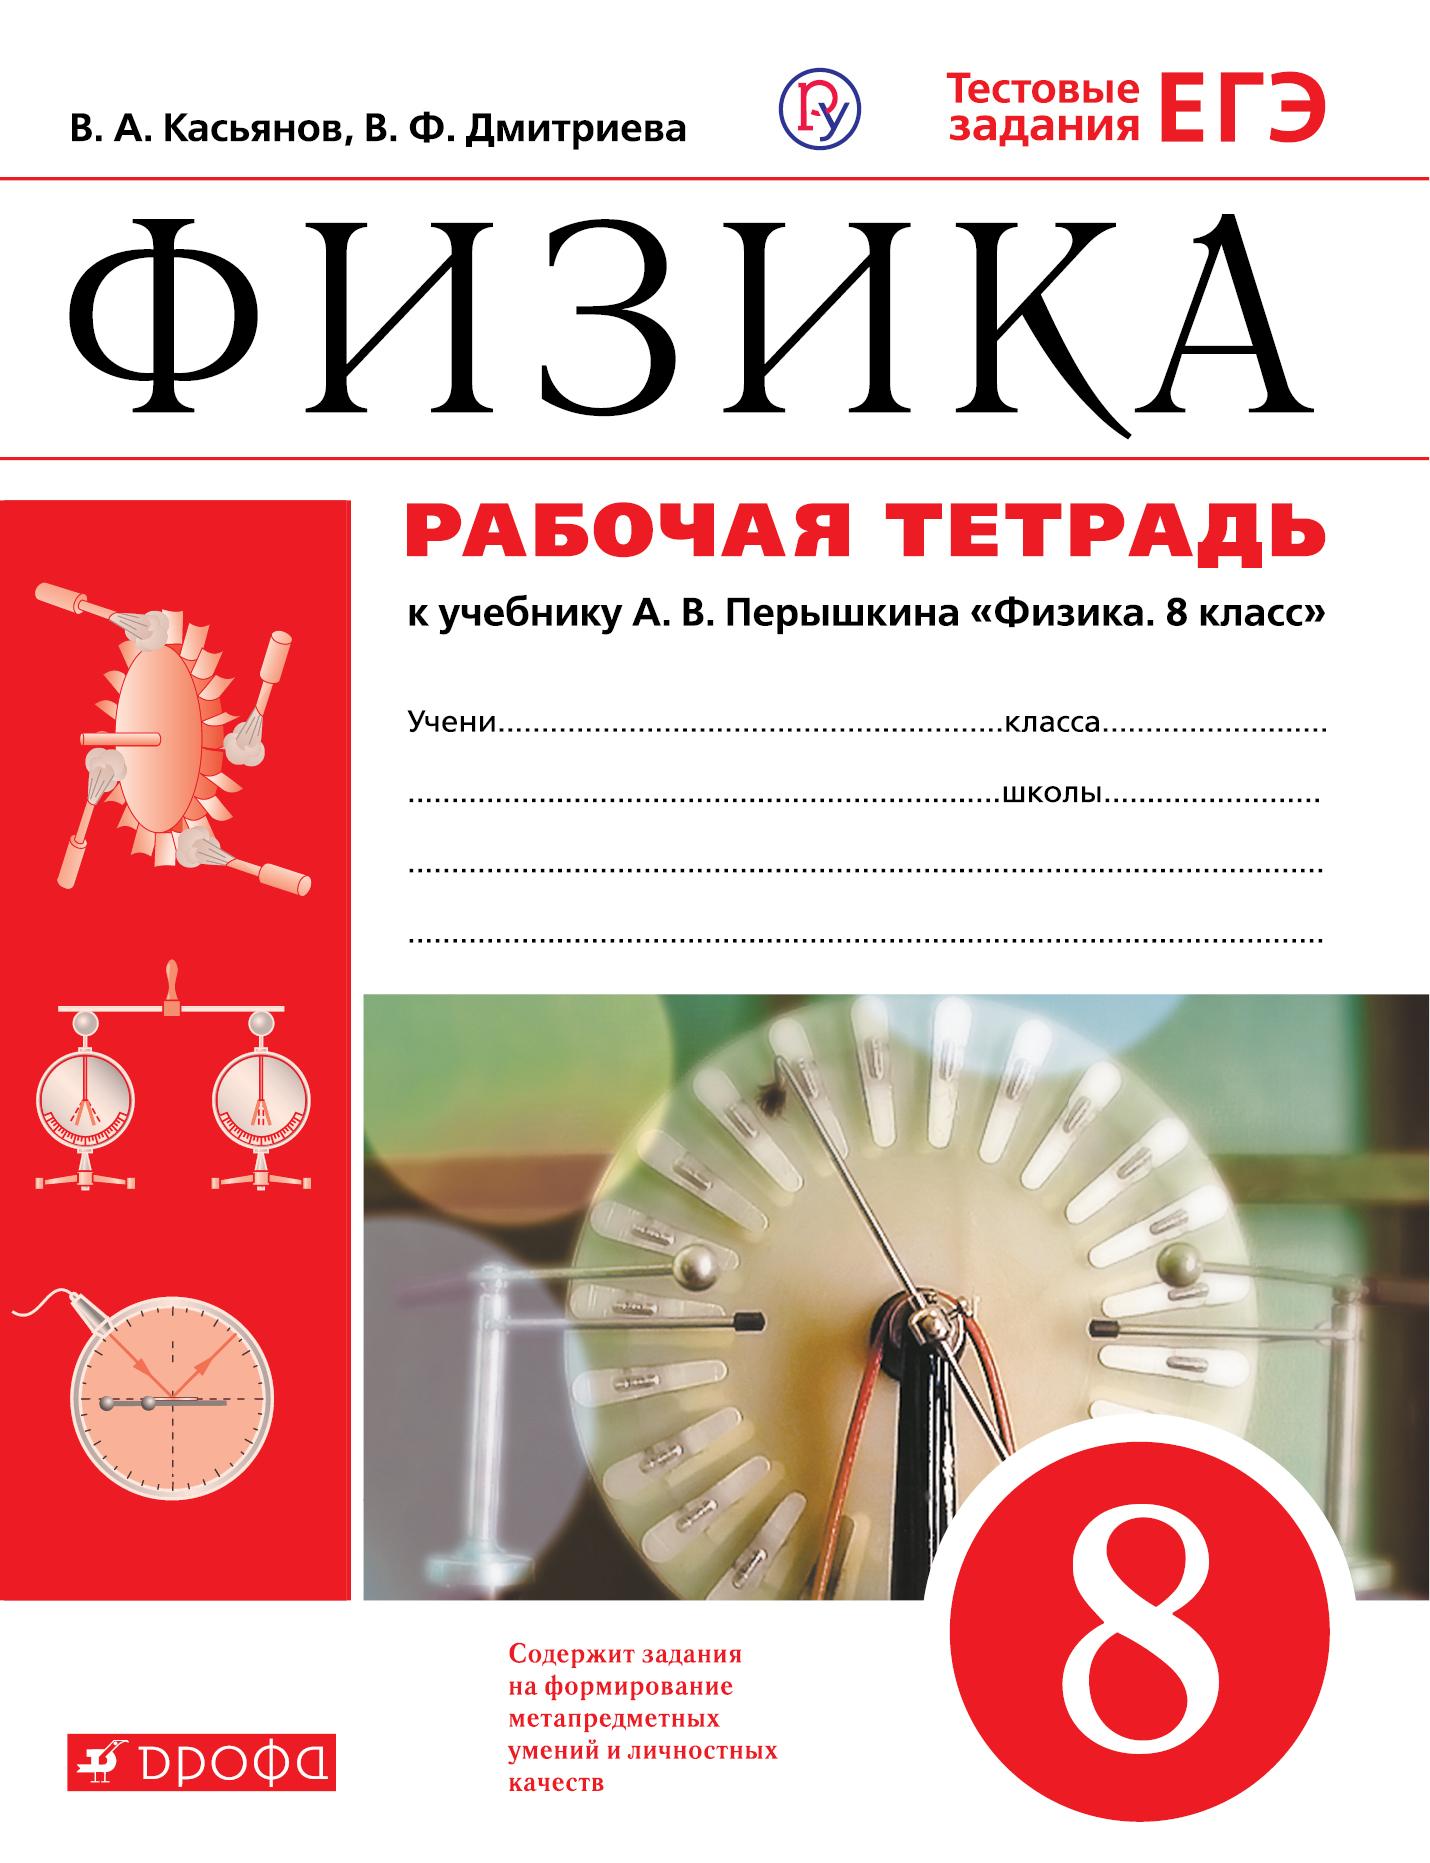 Касьянов В.А., Дмитриева В.Ф. Физика. 8 класс. Рабочая тетрадь.